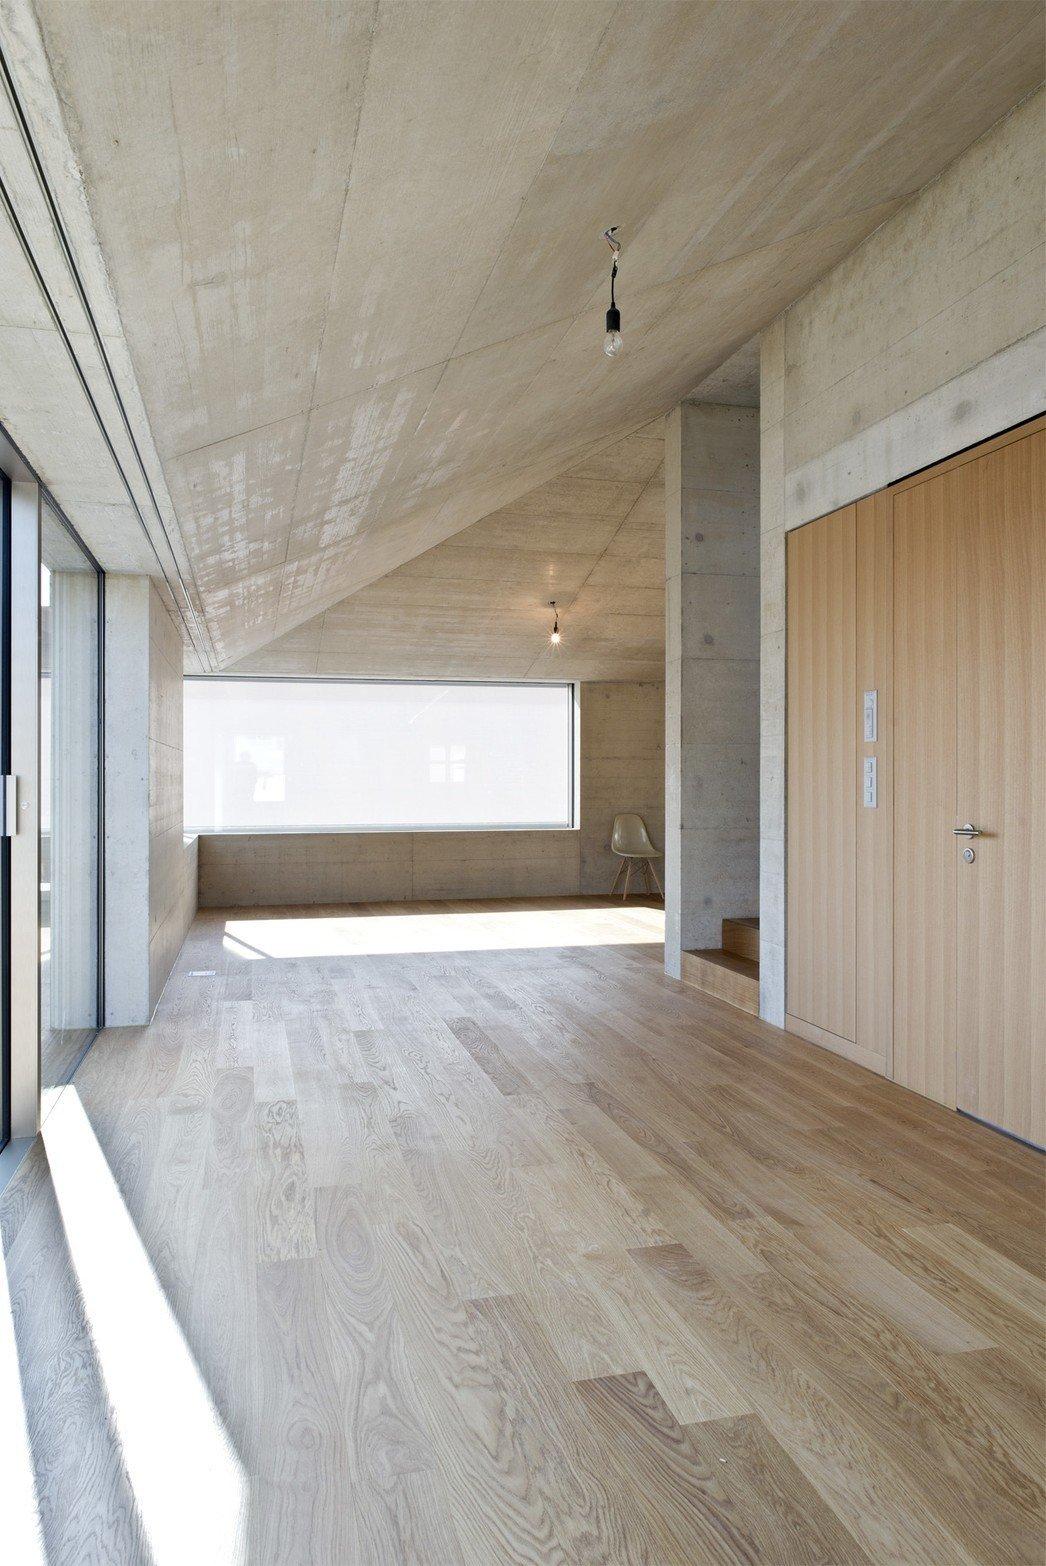 Photo 5 of 5 in Mehrfamilienhaus in Männedorf by Hurst Song Architekten